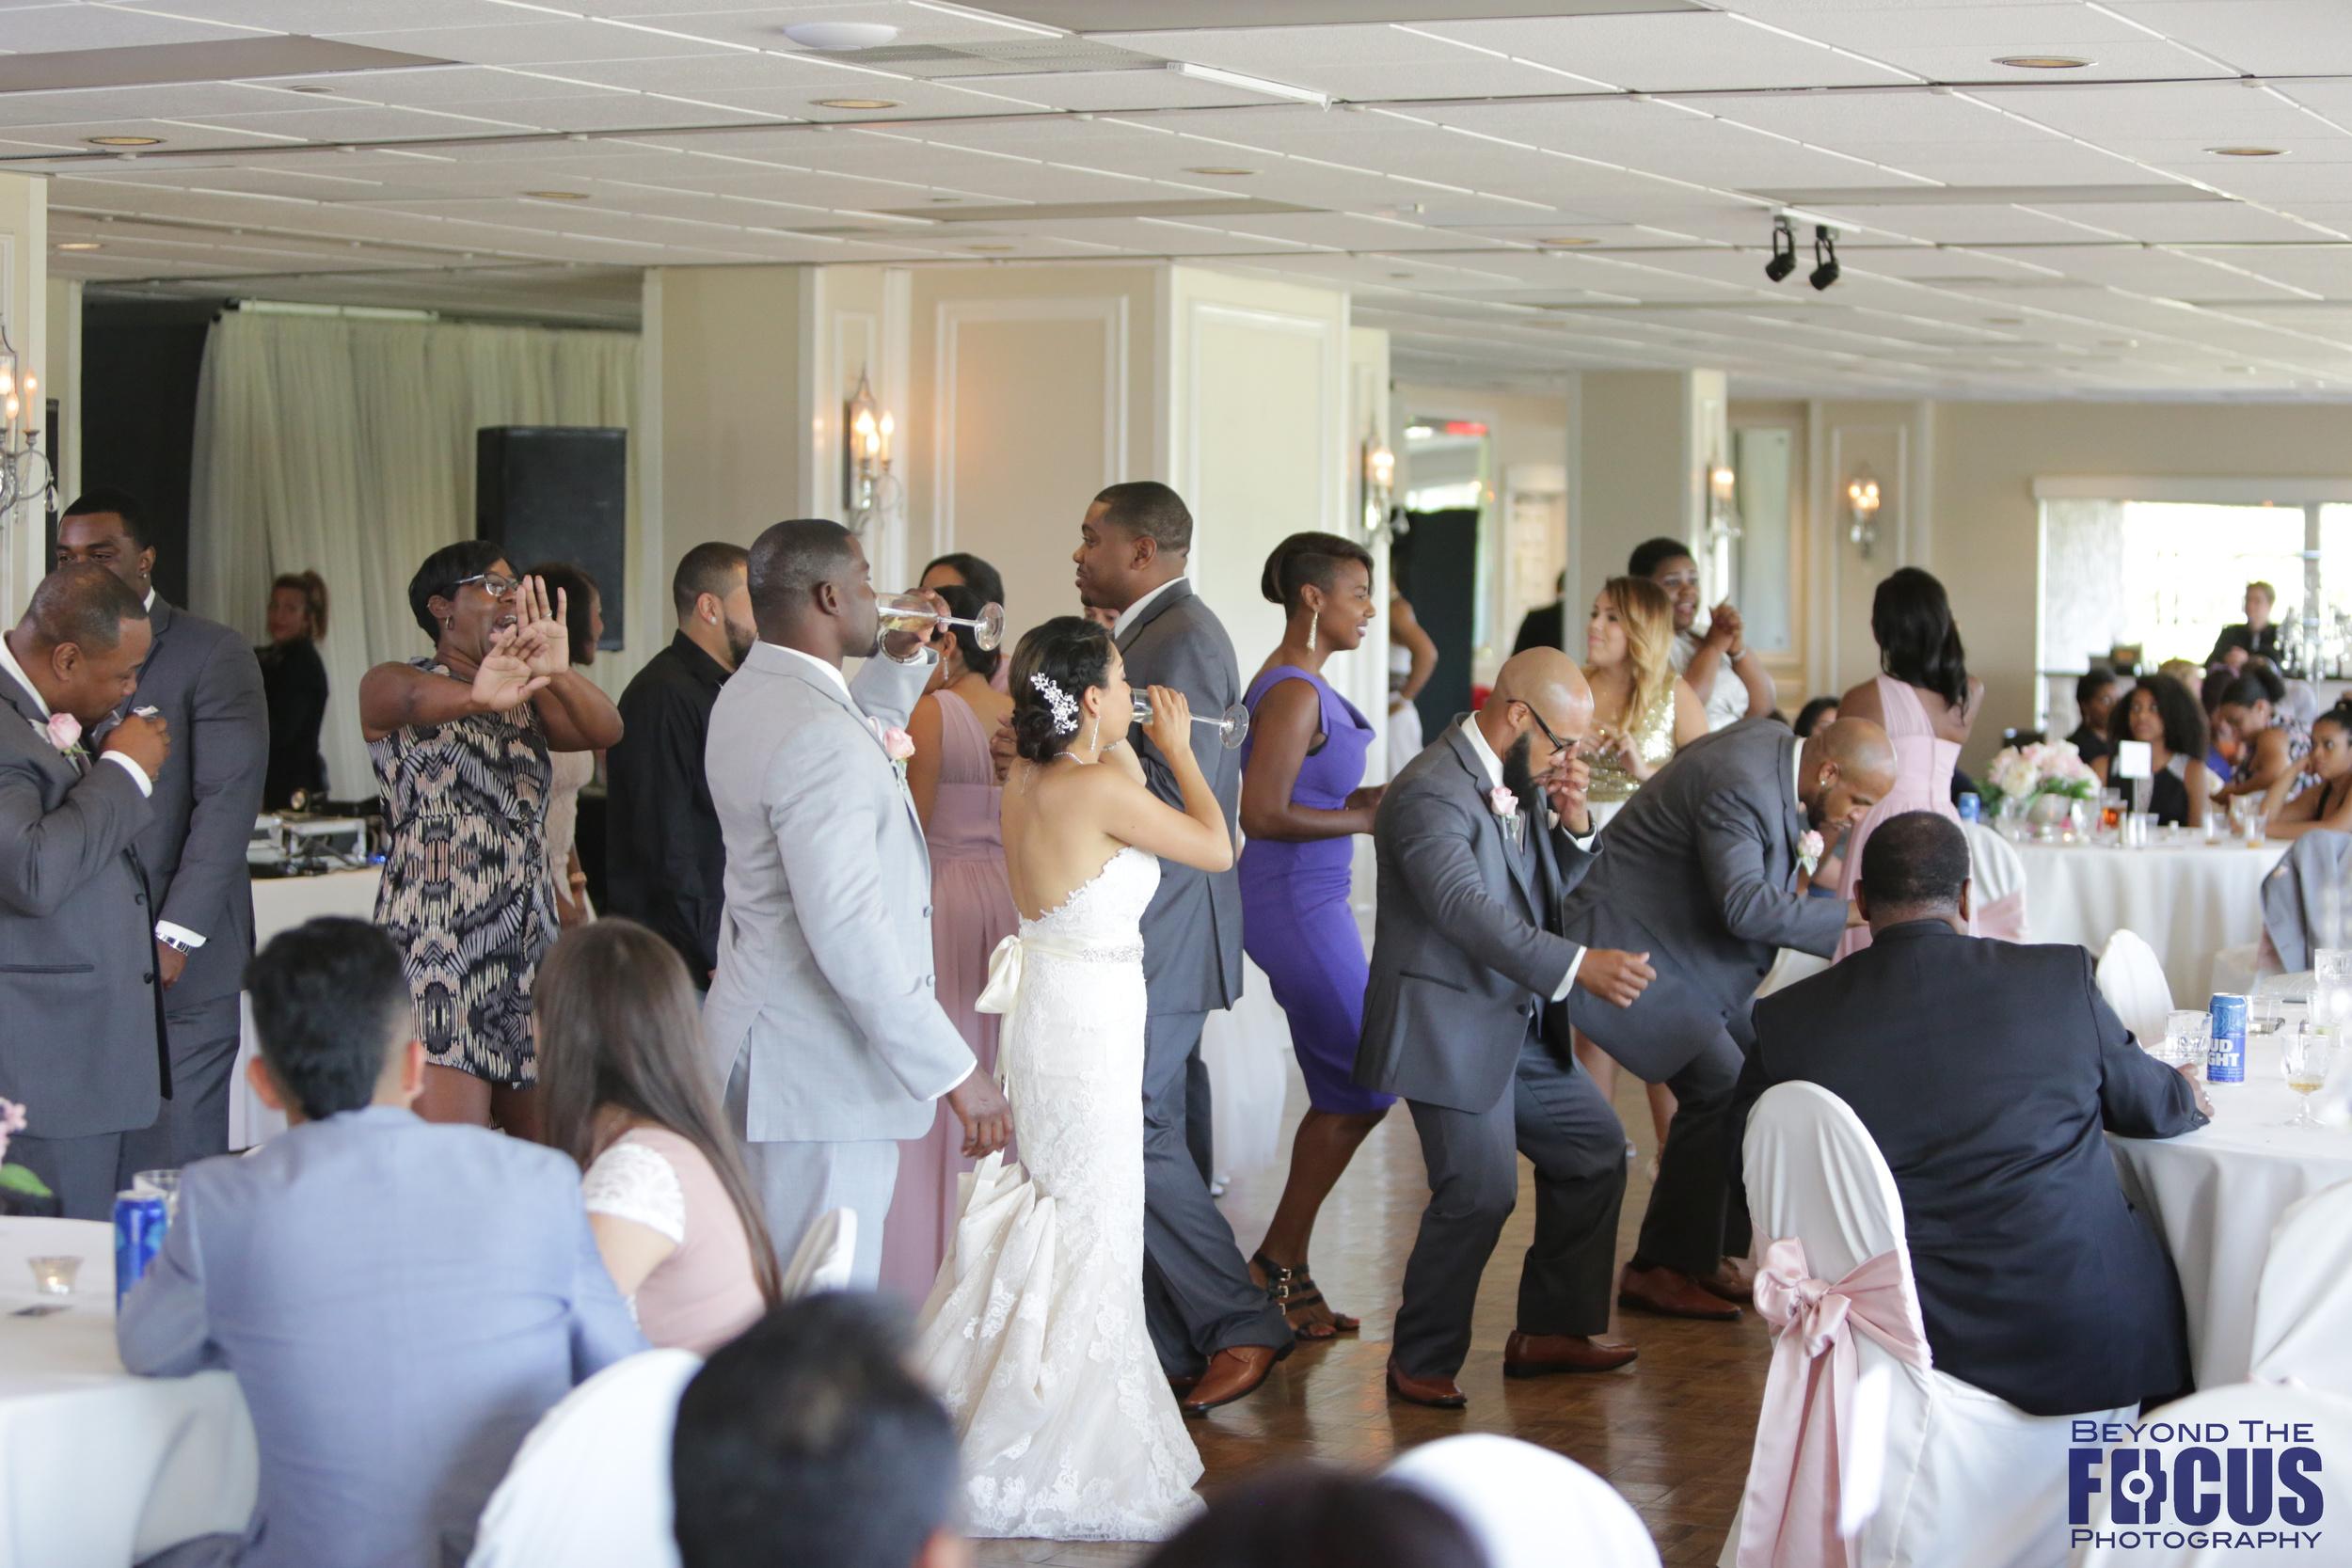 Palmer Wedding - Reception 27.jpg